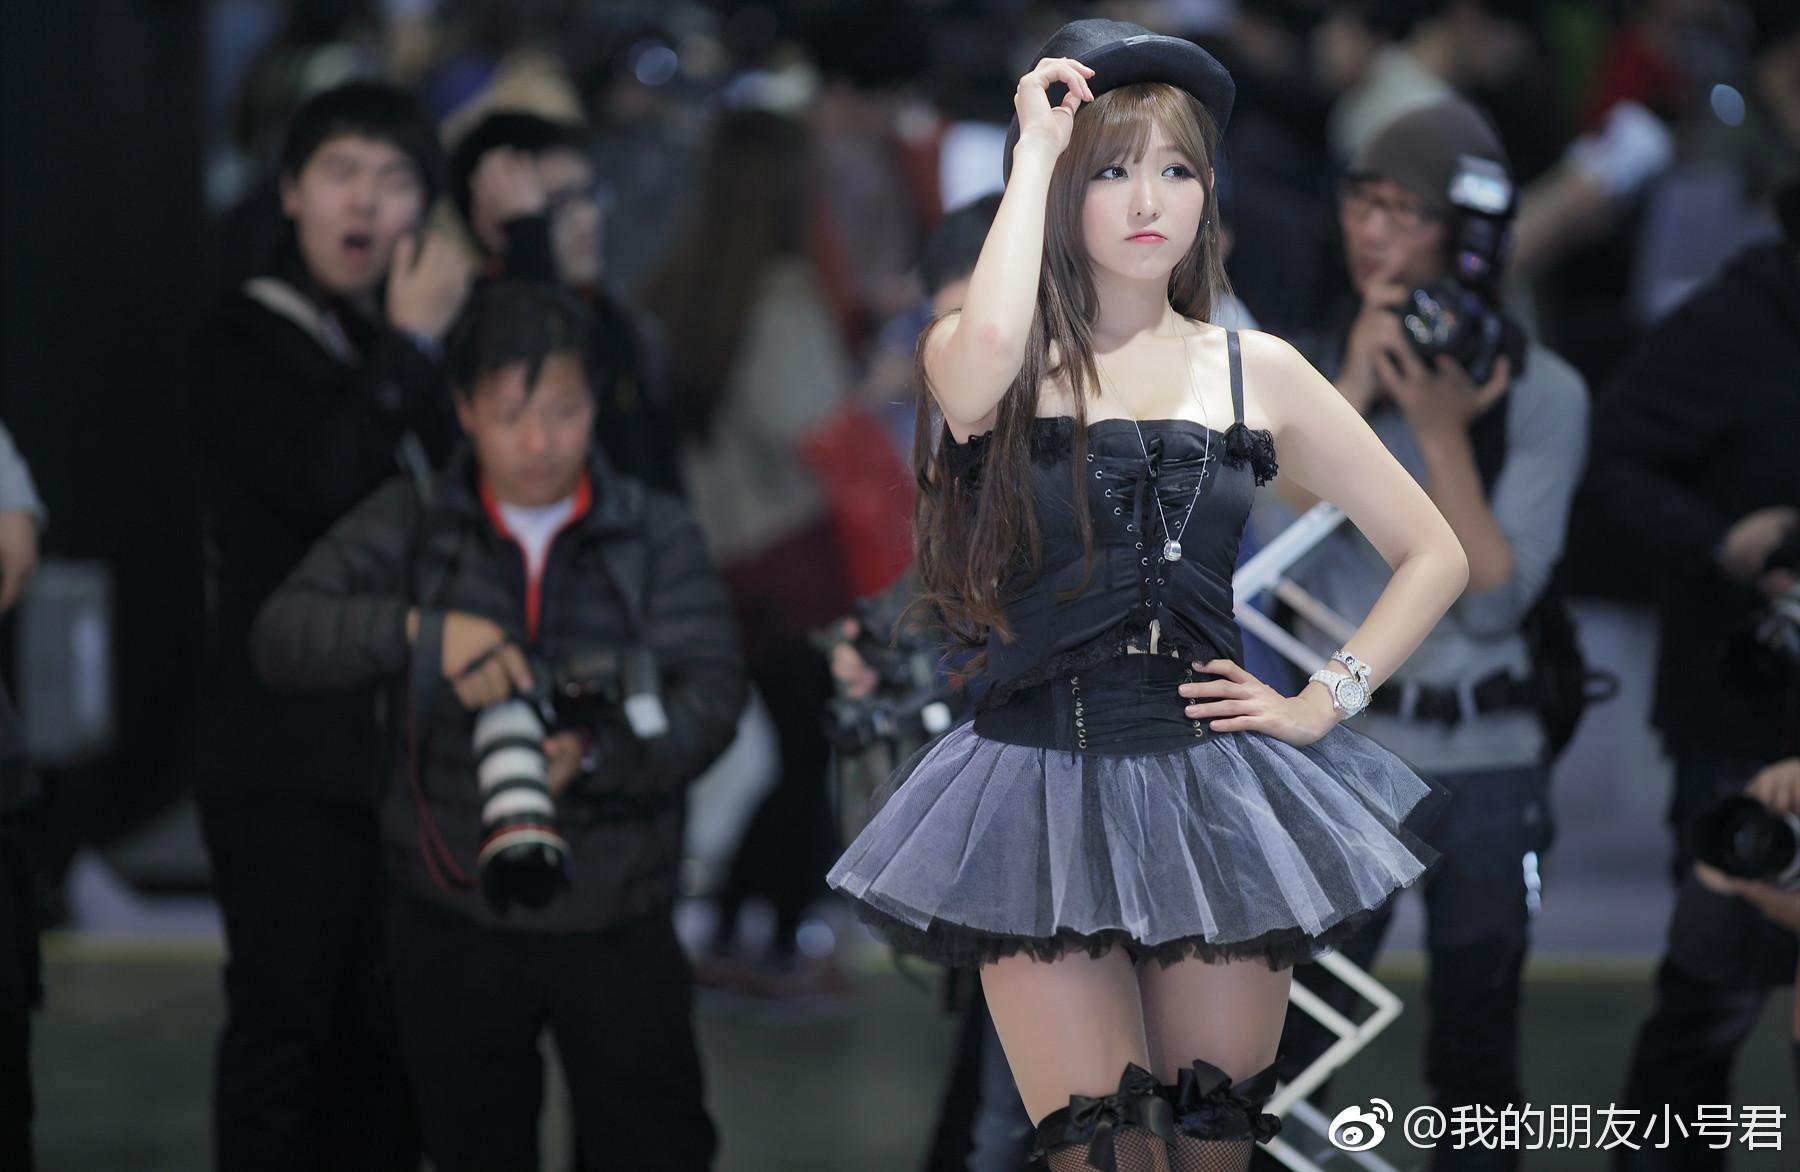 韩国妹子Lee Eun Hye ,大概,这就是心动的感觉吧 美女写真-第9张